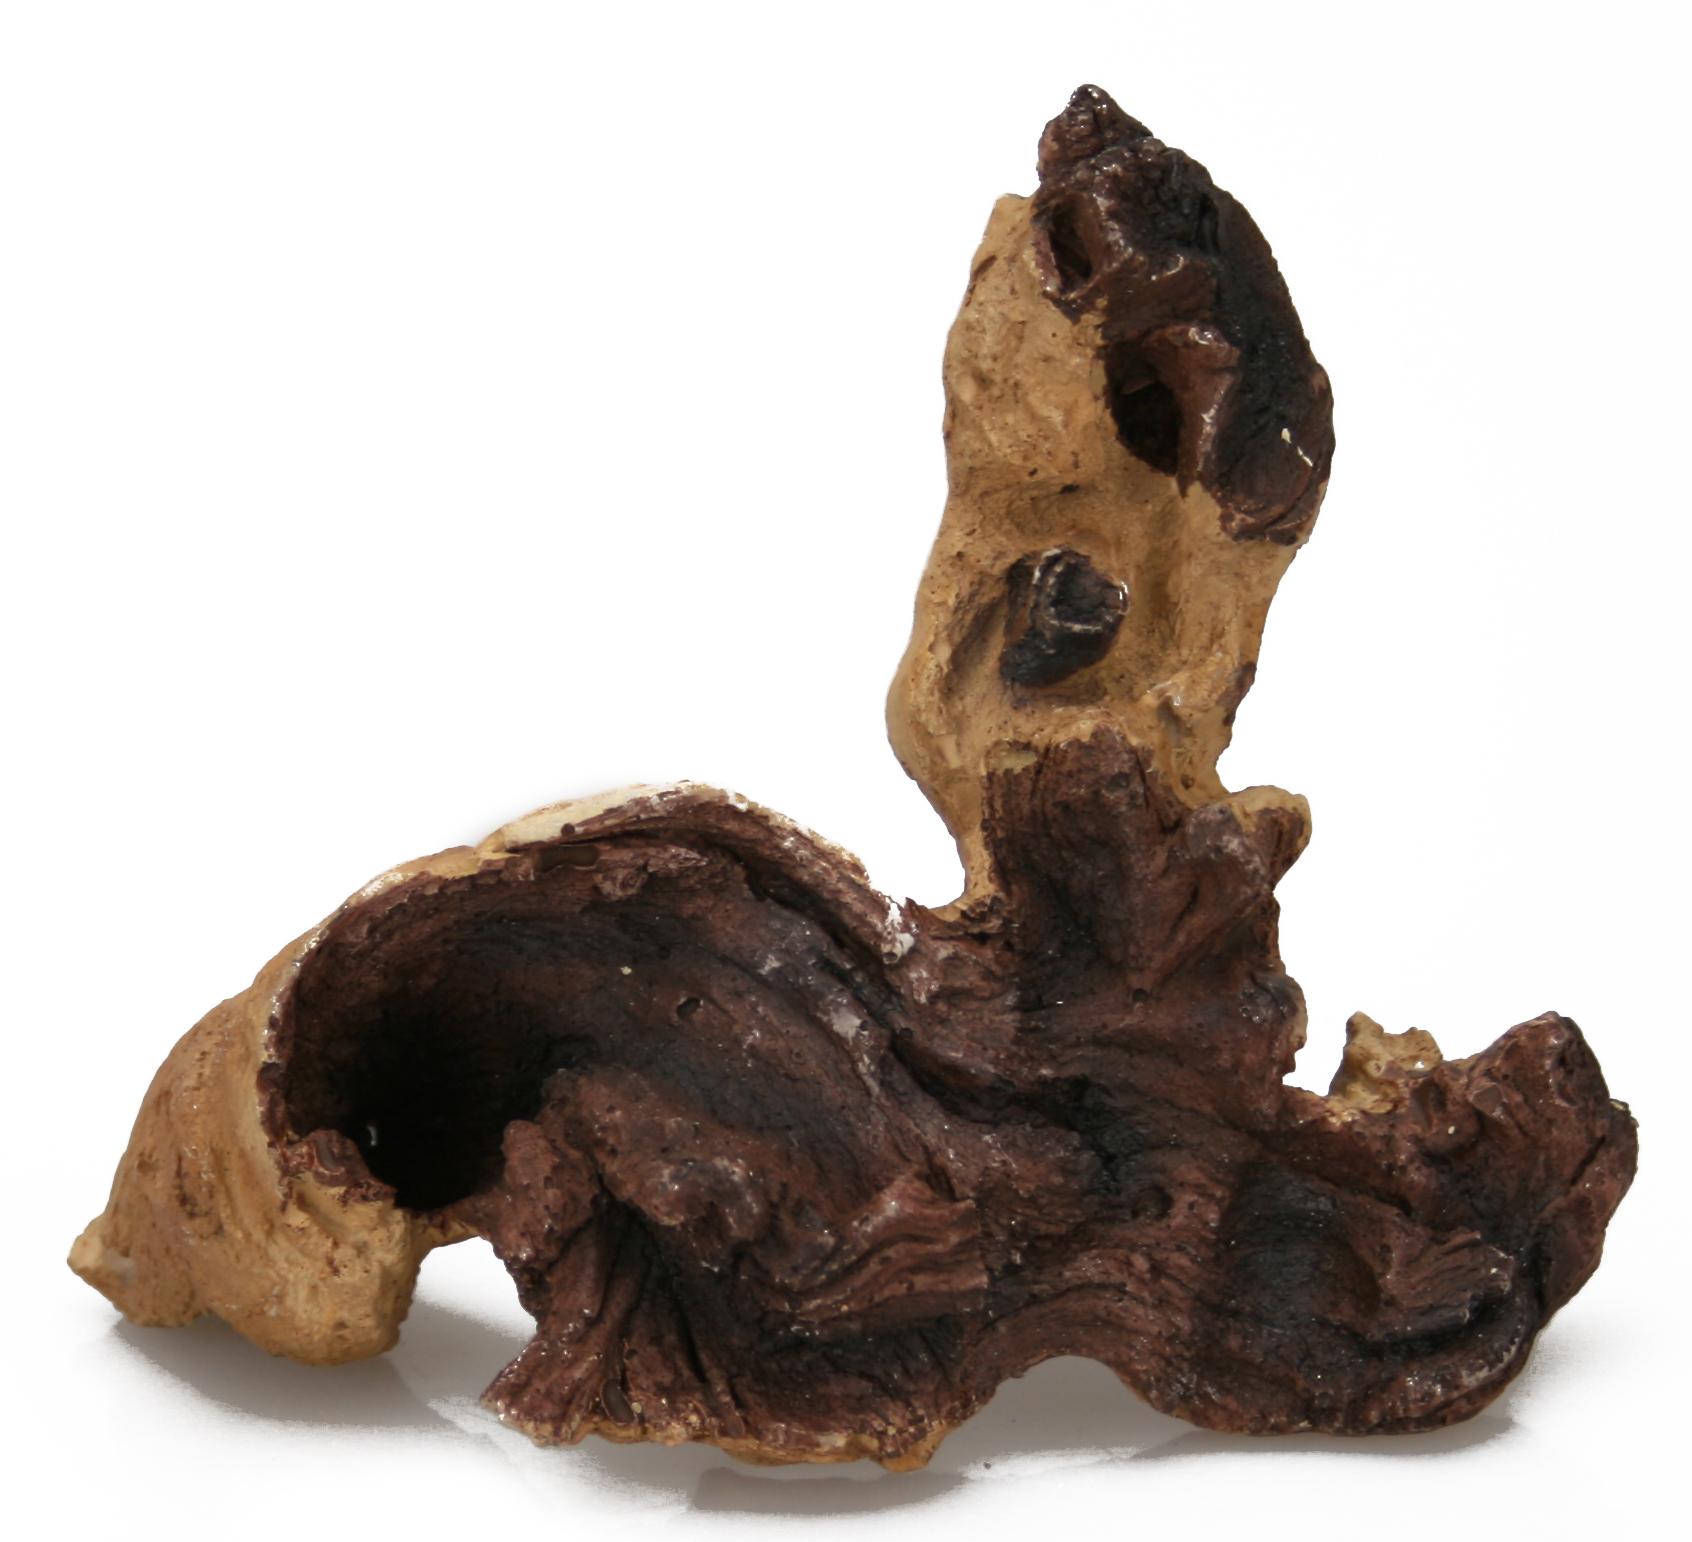 Savanna Wood Ornament (14 x 12 x 7 cm)